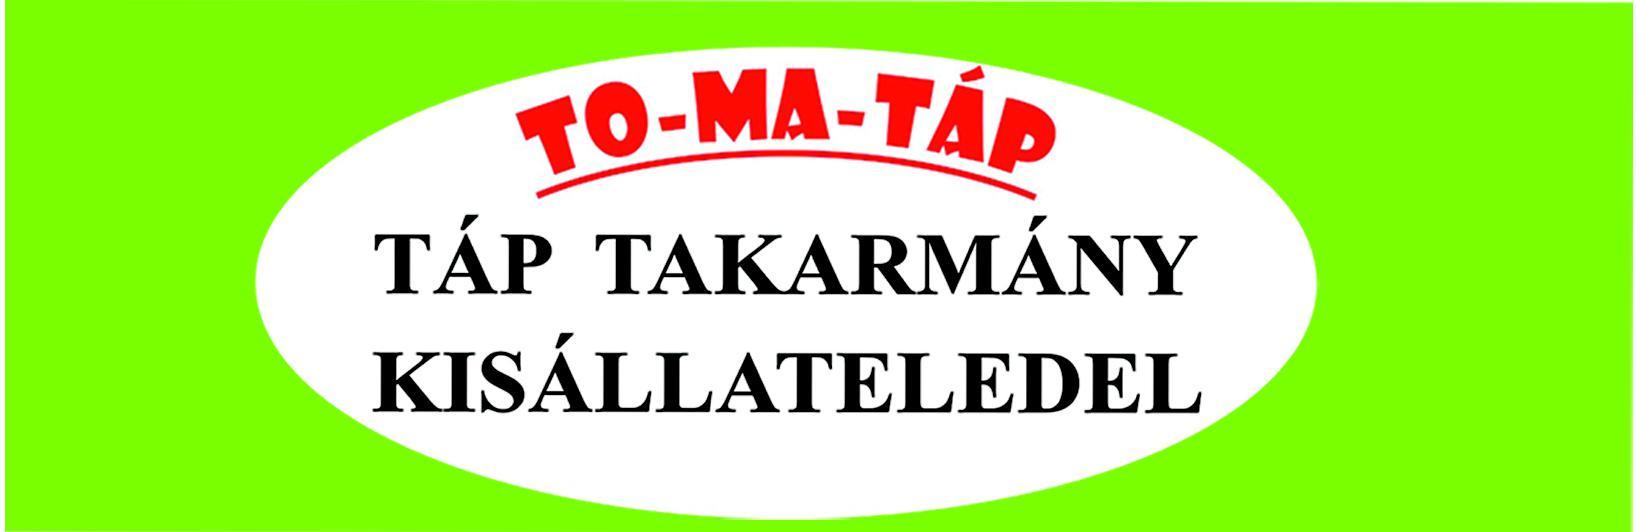 Táp és Takarmánybolt - TO-Ma-TÁP